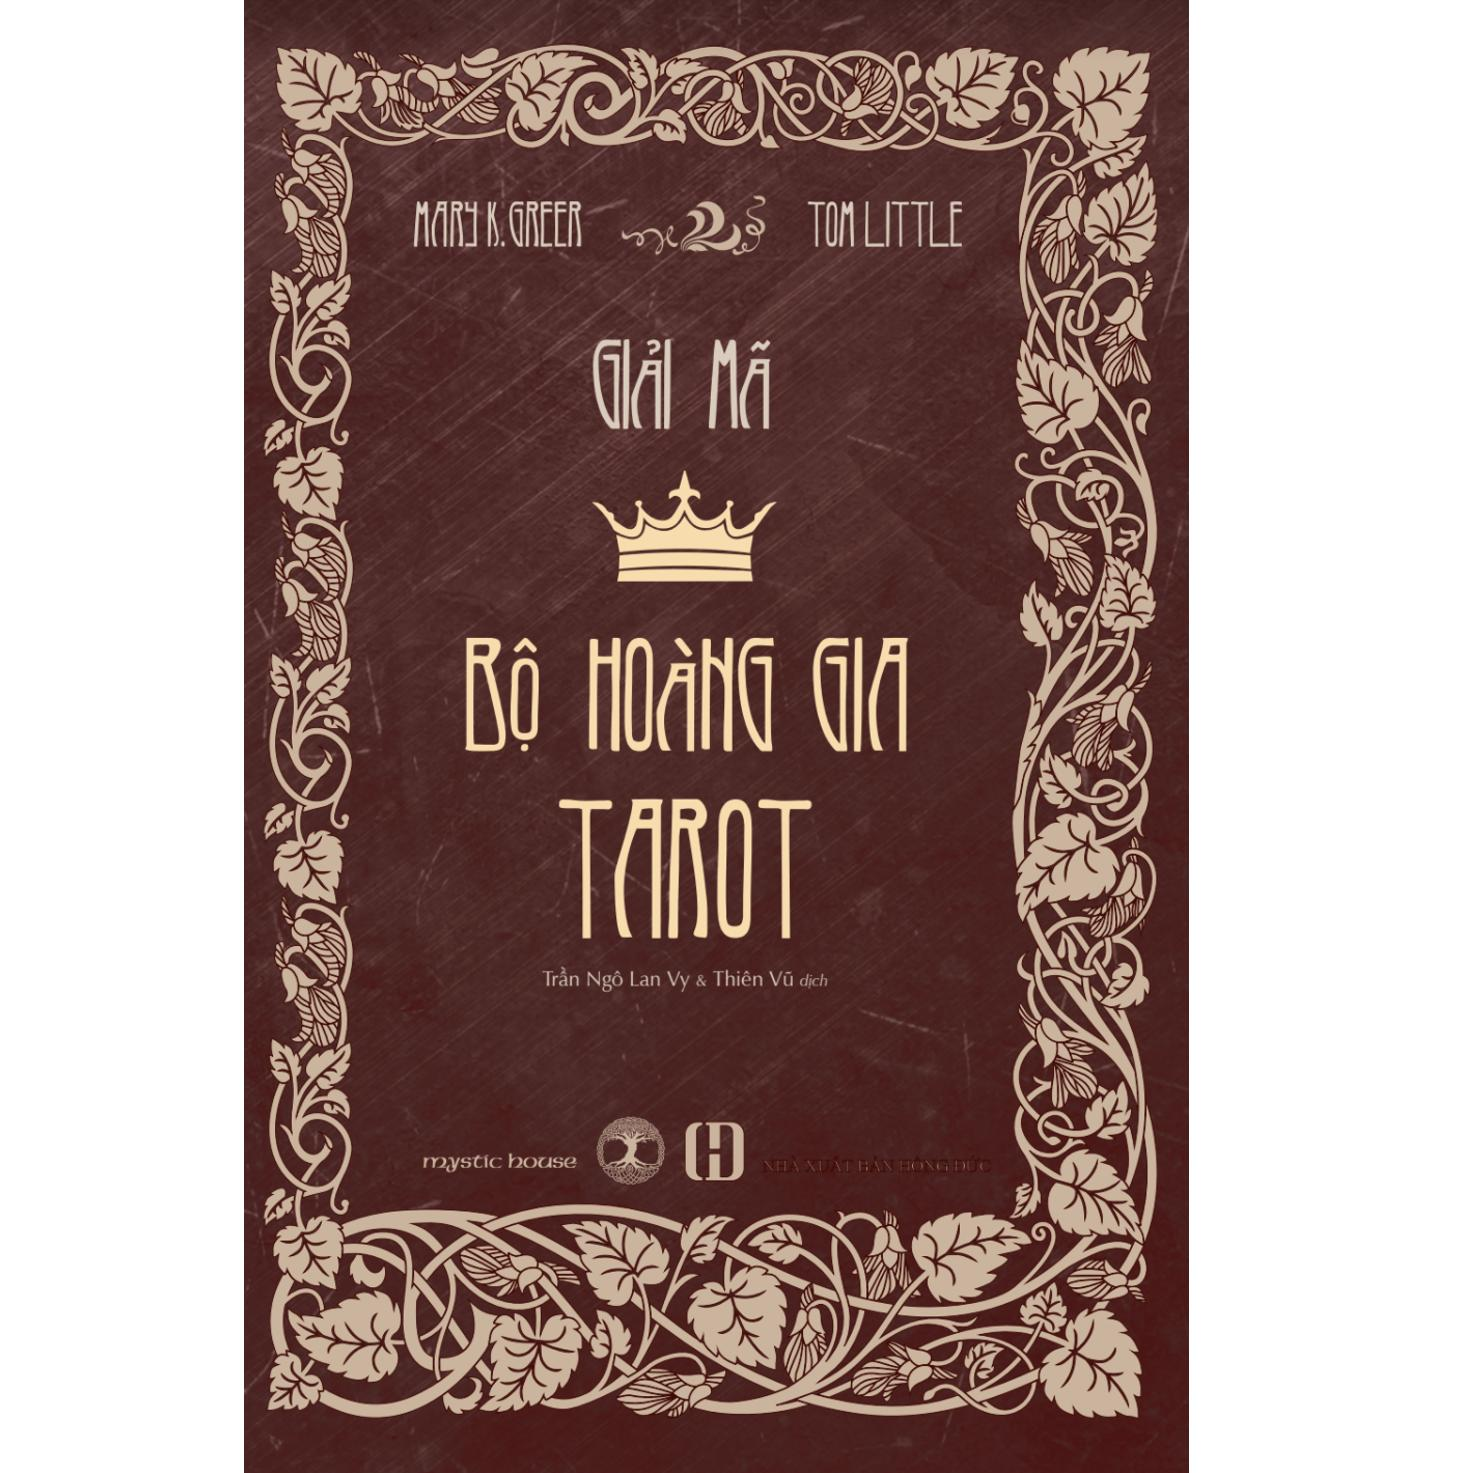 Giải Mã Bộ Hoàng Gia Tarot 9